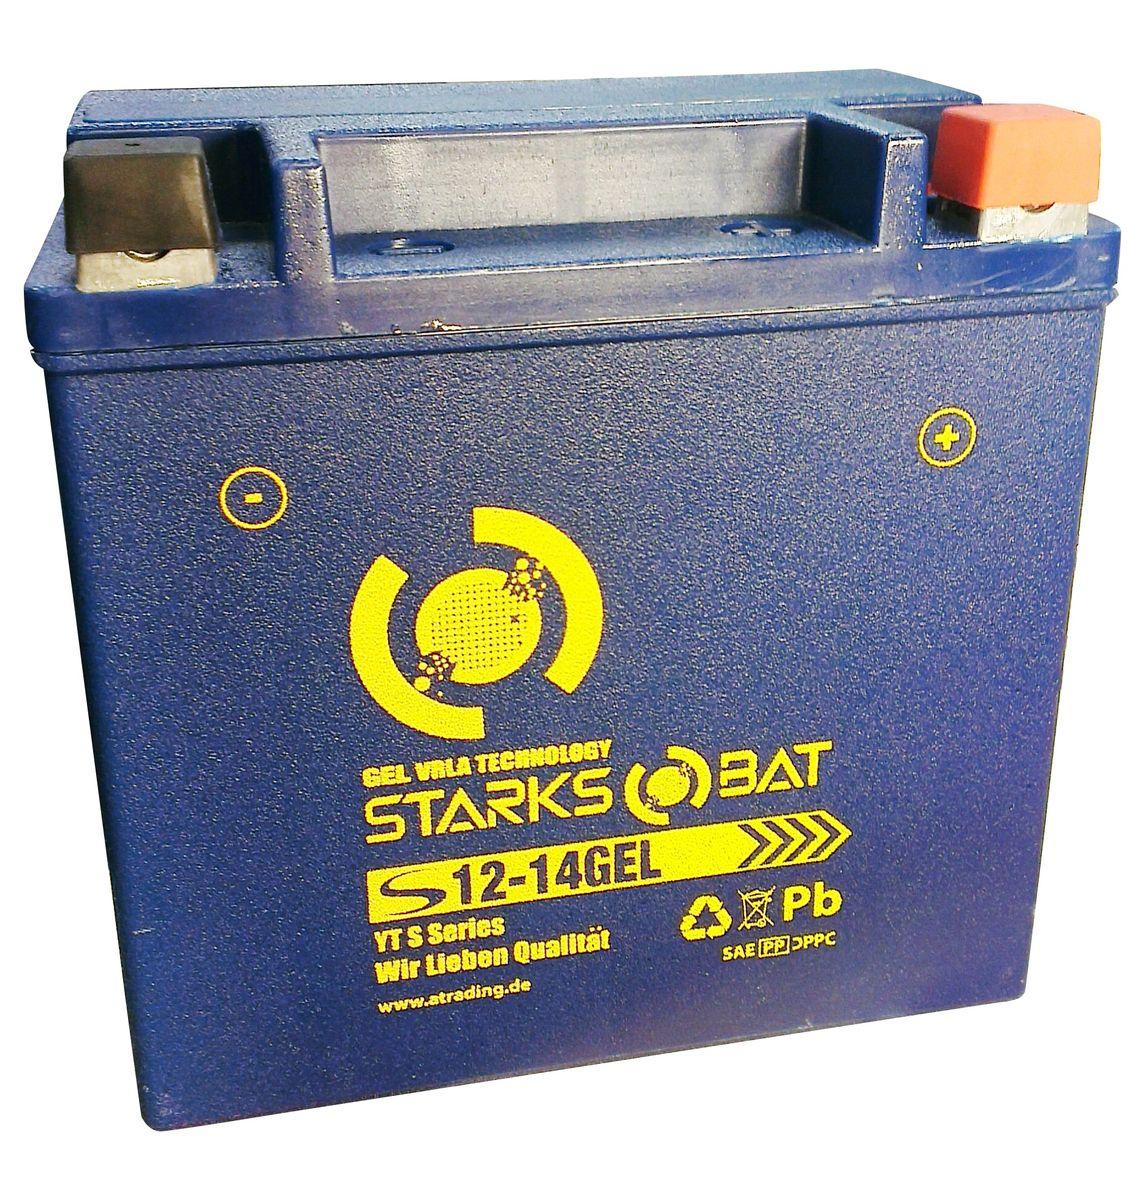 Батарея аккумуляторная для мотоциклов Starksbat. YT S 12-14 GEL (YTX14L-BS)S03301004YT S 12-14 GEL (YTX14L-BS) Аккумуляторы для мотоциклов STARKSBAT производятся немецким концерном Active Trading GmbH. Аккумуляторы STARKSBAT изготовлены по технологии AGM, обеспечивающей повышенный уровень безопасности батареи и удобство ее эксплуатации. Корпус АКБ STARKSBAT выполнен из особо ударопрочного и морозостойкого полипропилена. Аккумуляторы STARKSBAT длительное время успешно продаются в США и Канаде, где блестяще доказали свои высокие эксплуатационные свойства в самых экстремальных условиях бездорожья, высоких и низких температур. Аккумуляторные батареи STARKSBAT производятся под знаменитым Немецким контролем качества, что обеспечивает им высокие пусковые характеристики и восстановление емкости даже после глубокого разряда.YT S 12-14GEL Technology (YTX14L-BS)Параметры аккумулятора:Напряжение (В): 12 Емкость (А/Ч): 14 Размеры (мм): 150x87x145 Полярность: Обратная (-+) Ток холодной прокрутки: 220 Аh (EN)Корпус АКБ STARKSBAT выполнен из особо ударопрочного и морозостойкого полипропилена